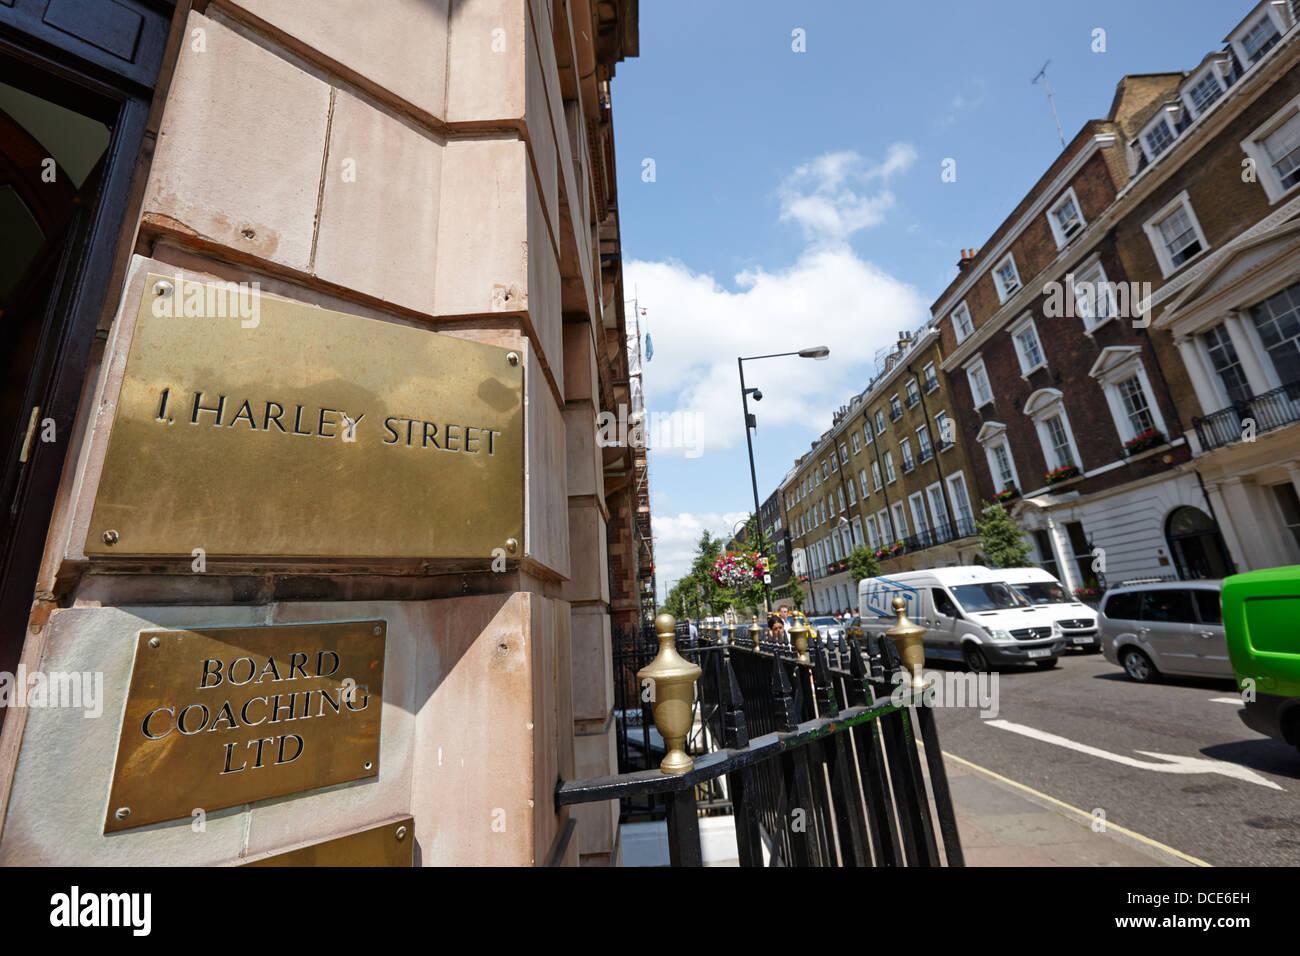 Harley Street London England UK Stockbild